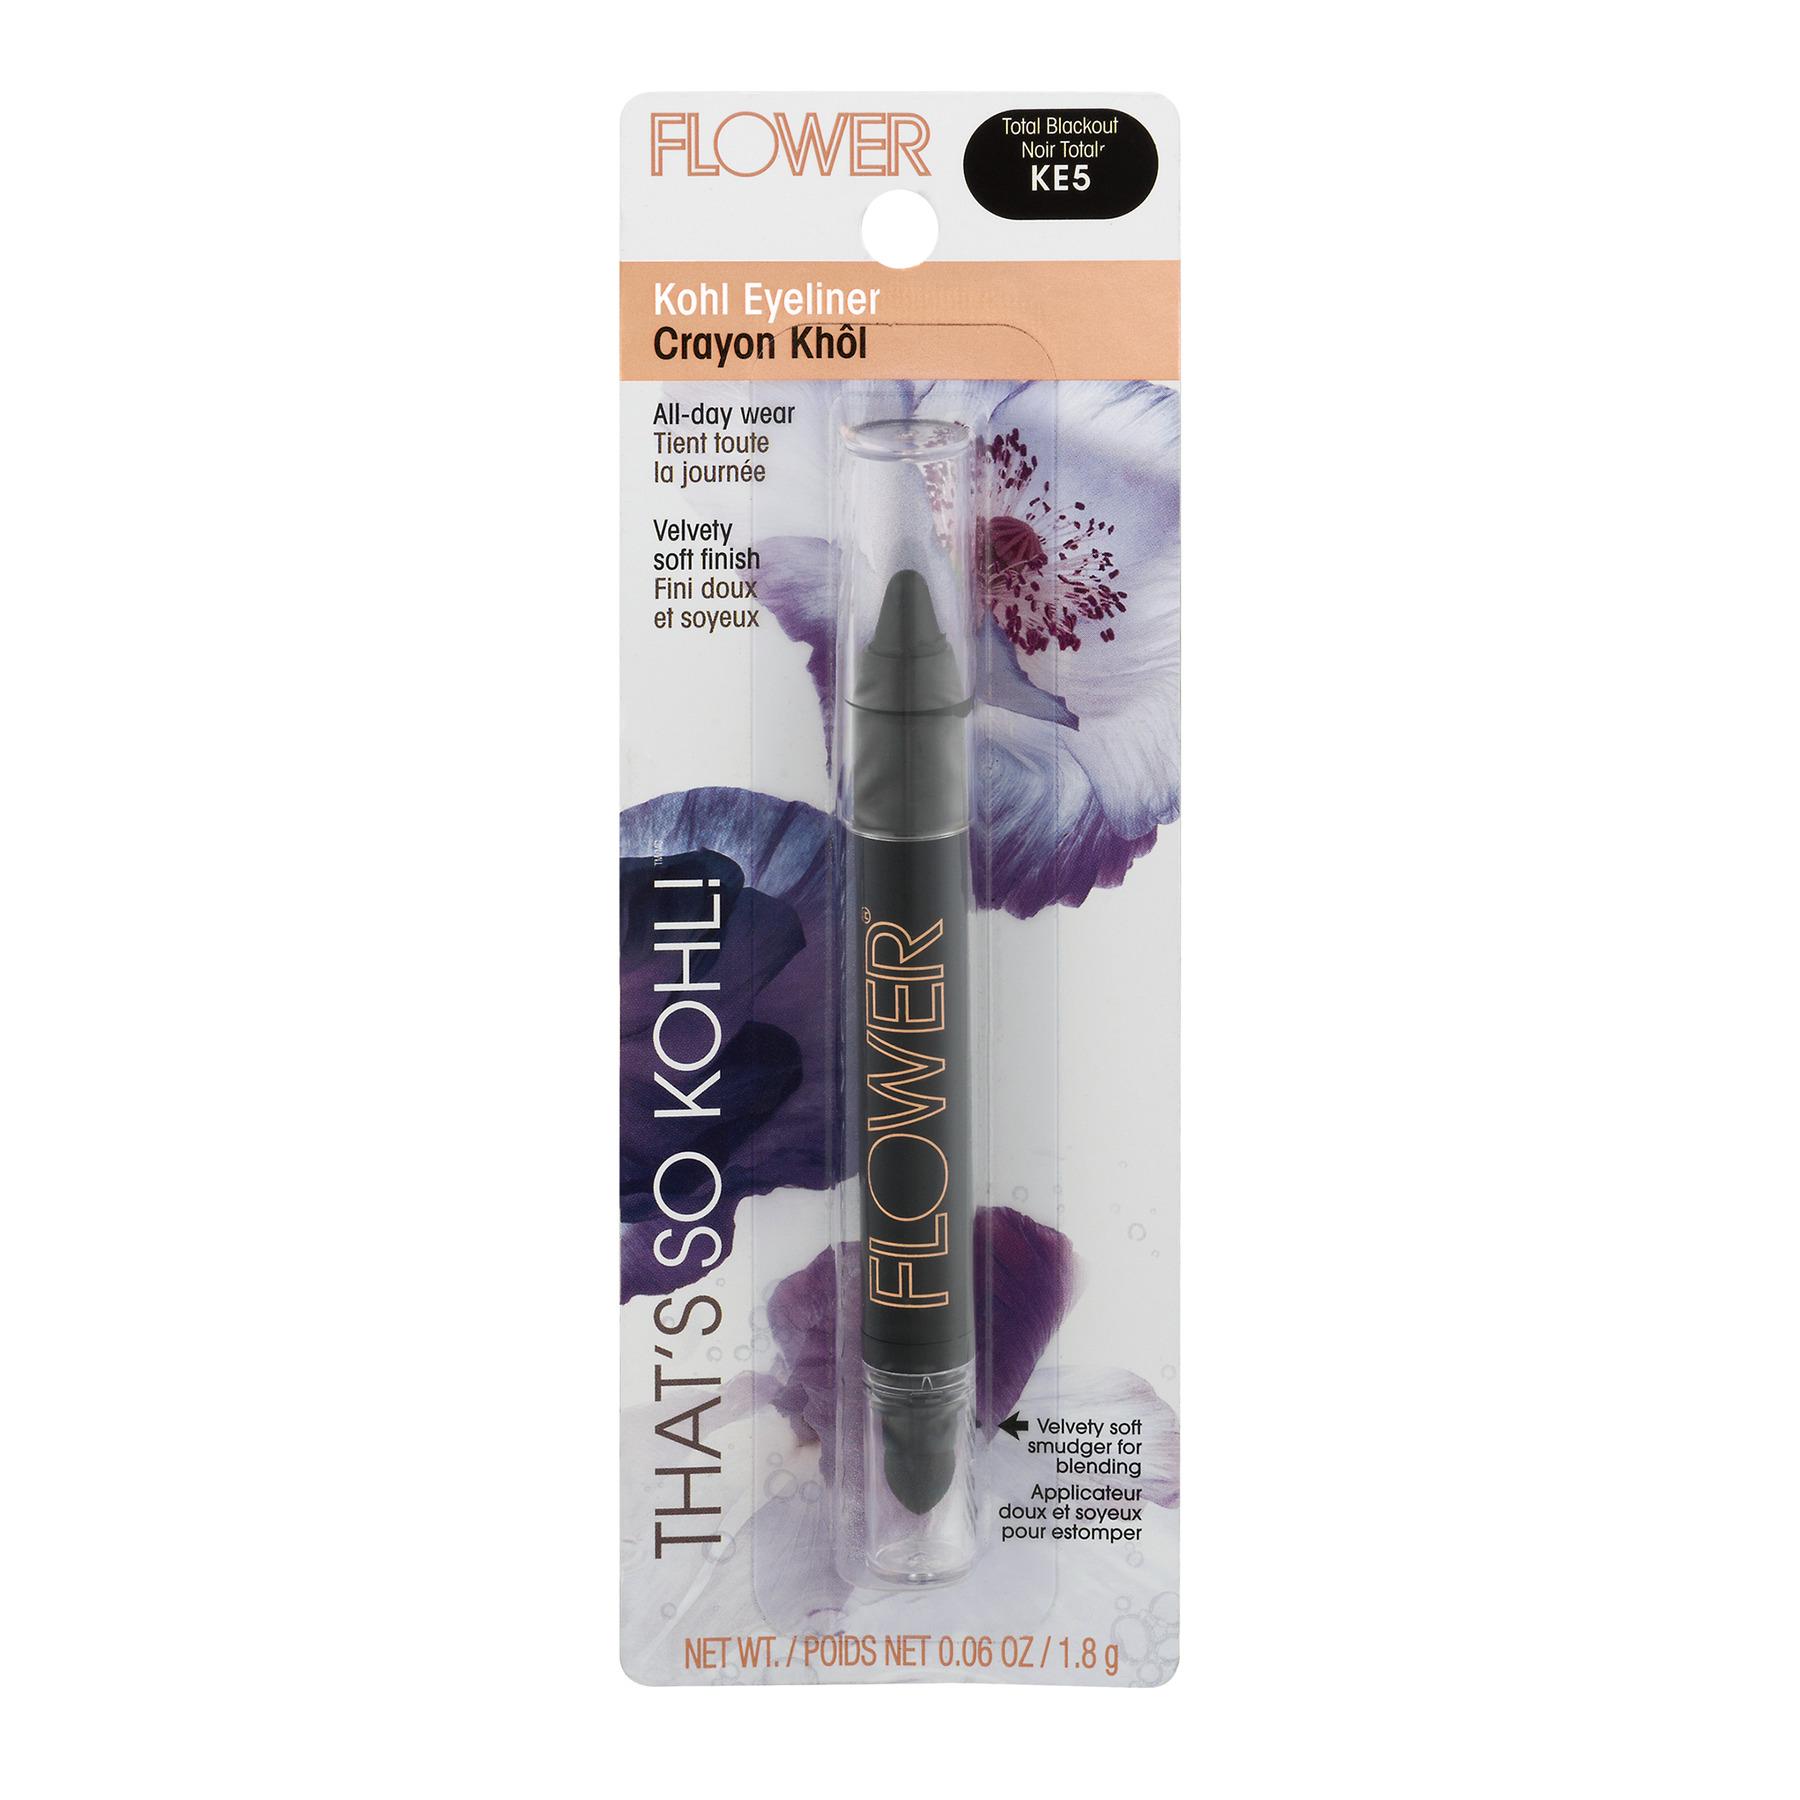 Flower Thats So Kohl Eyeliner Total Blackout